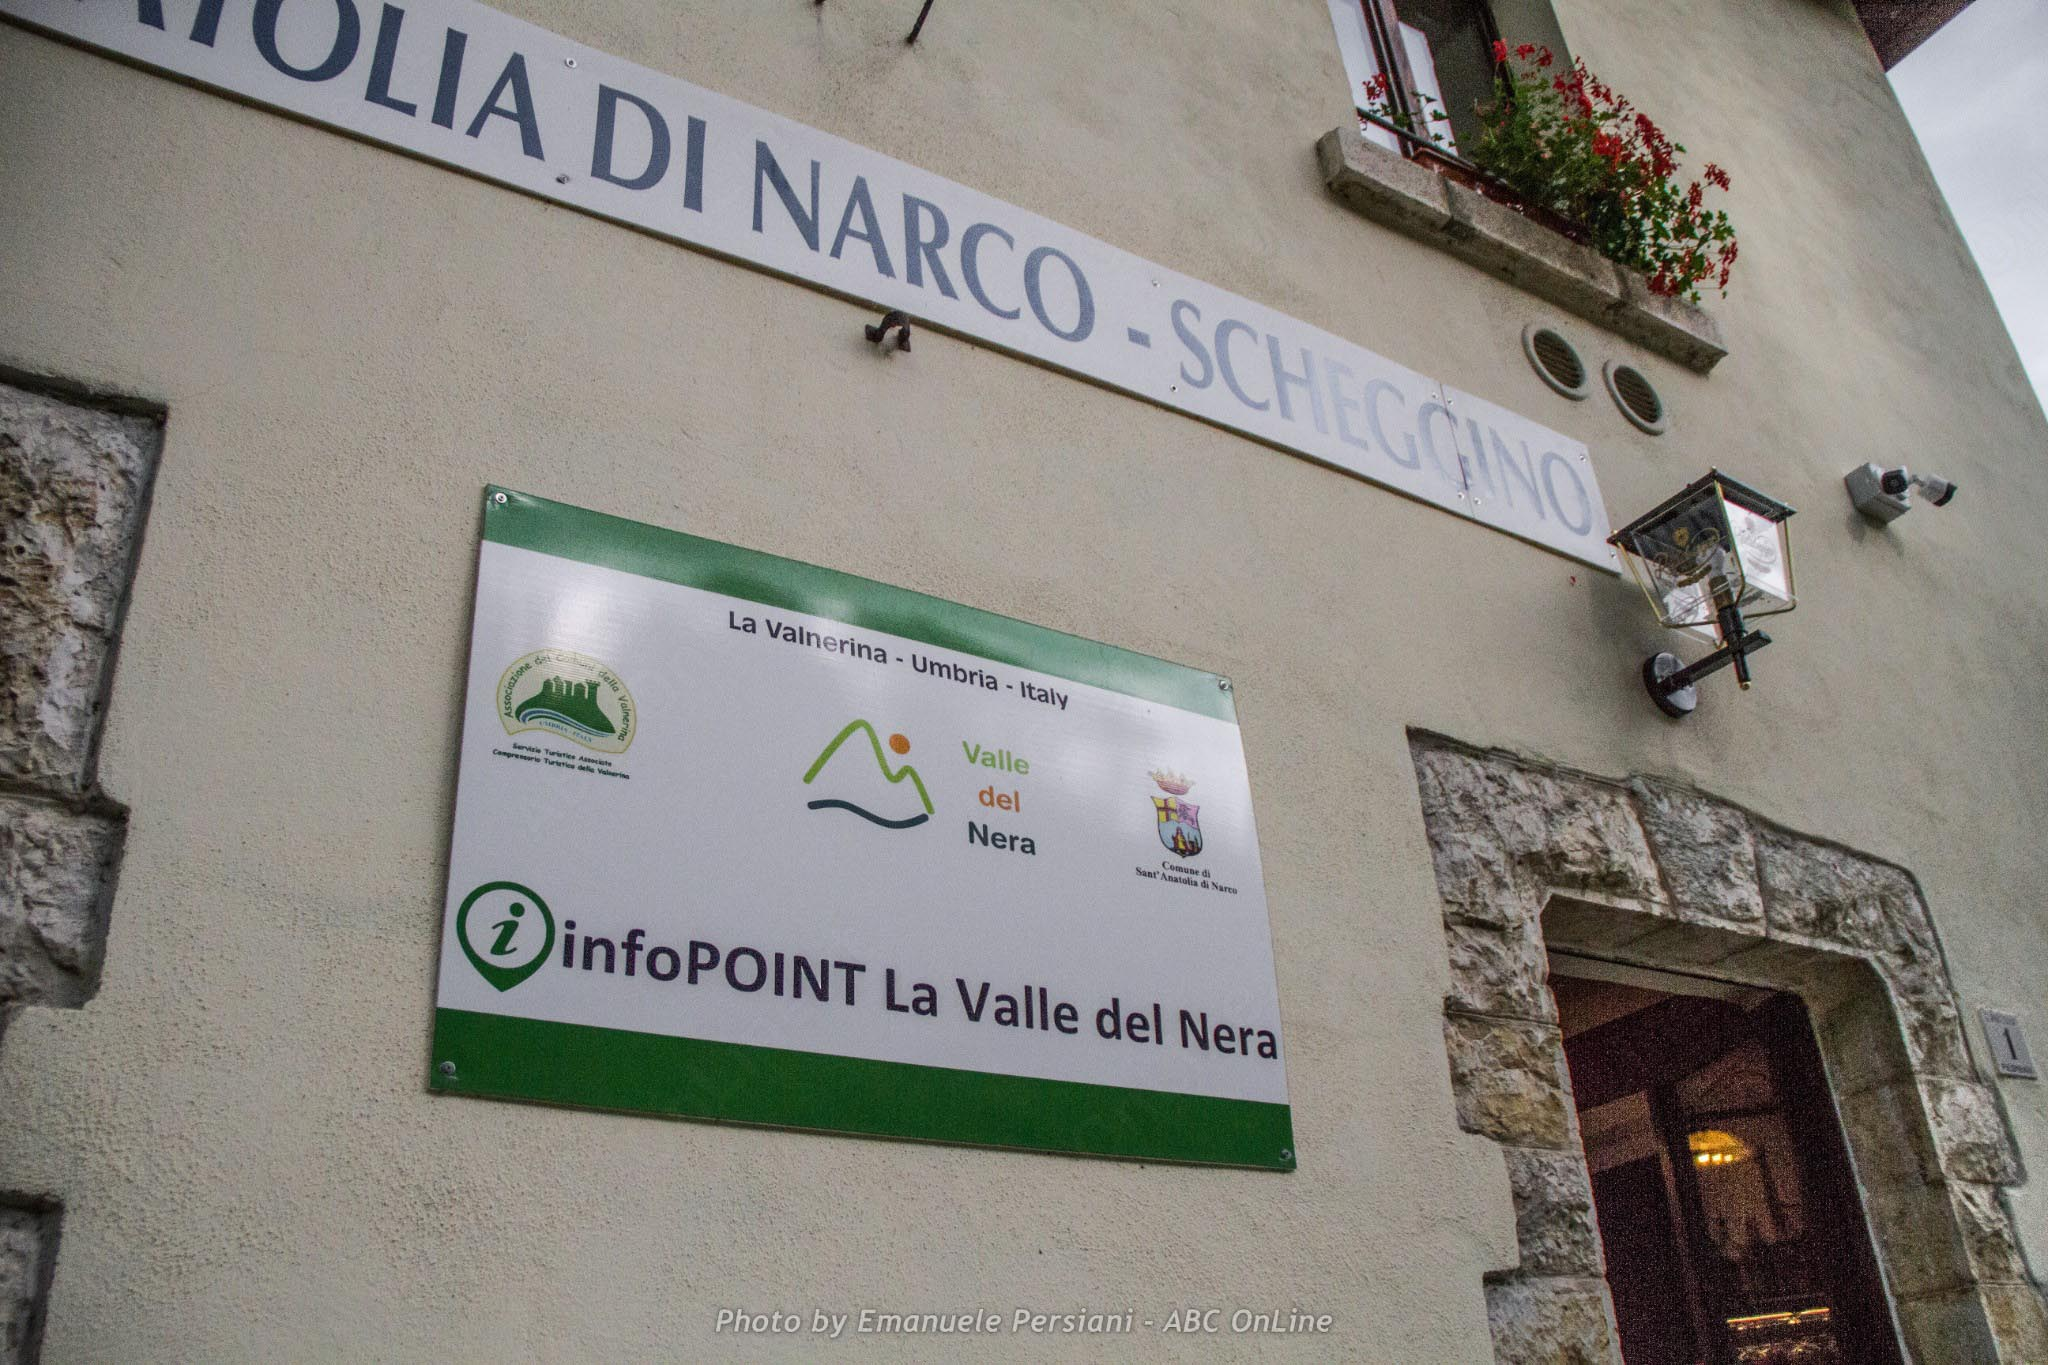 tracciato vecchia ferrovia Spoleto - Norcia con ristoro